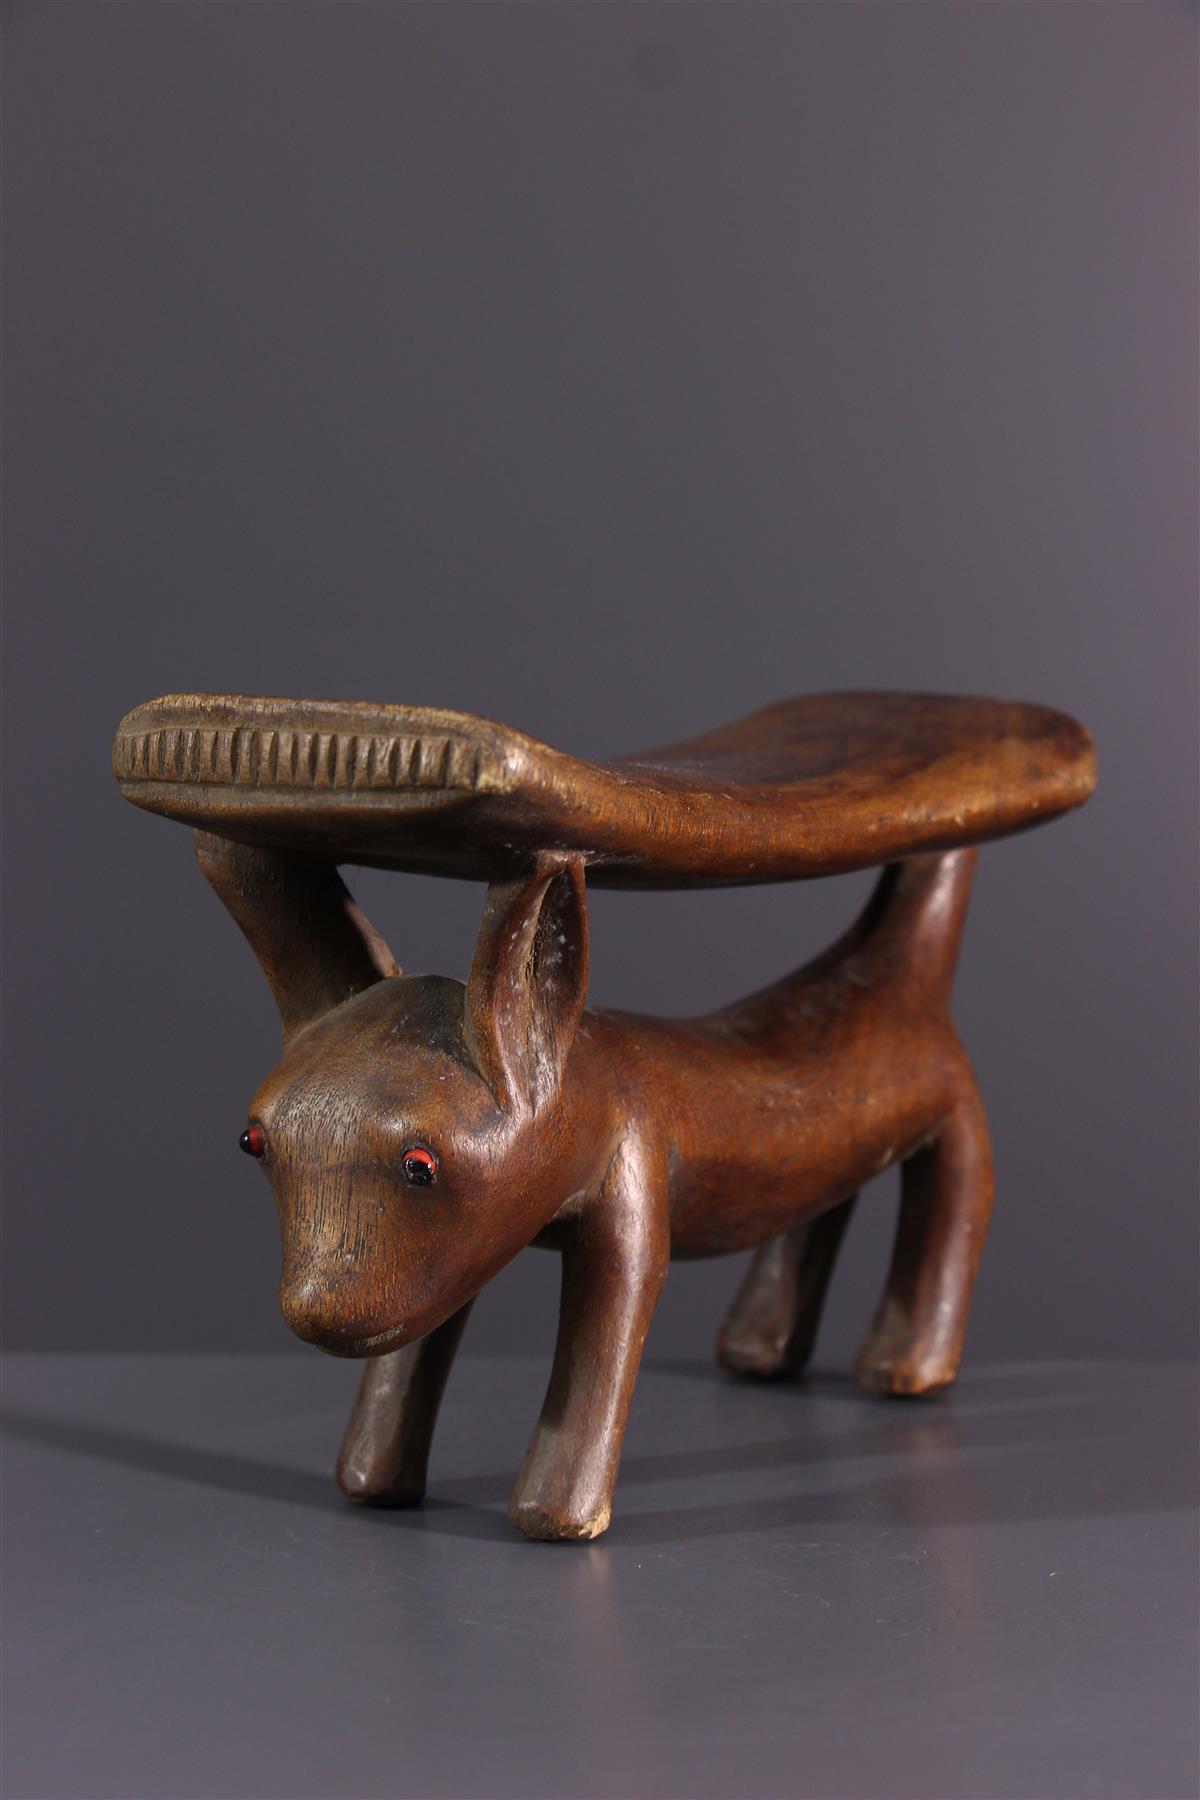 Luena neksteun - Afrikaanse kunst